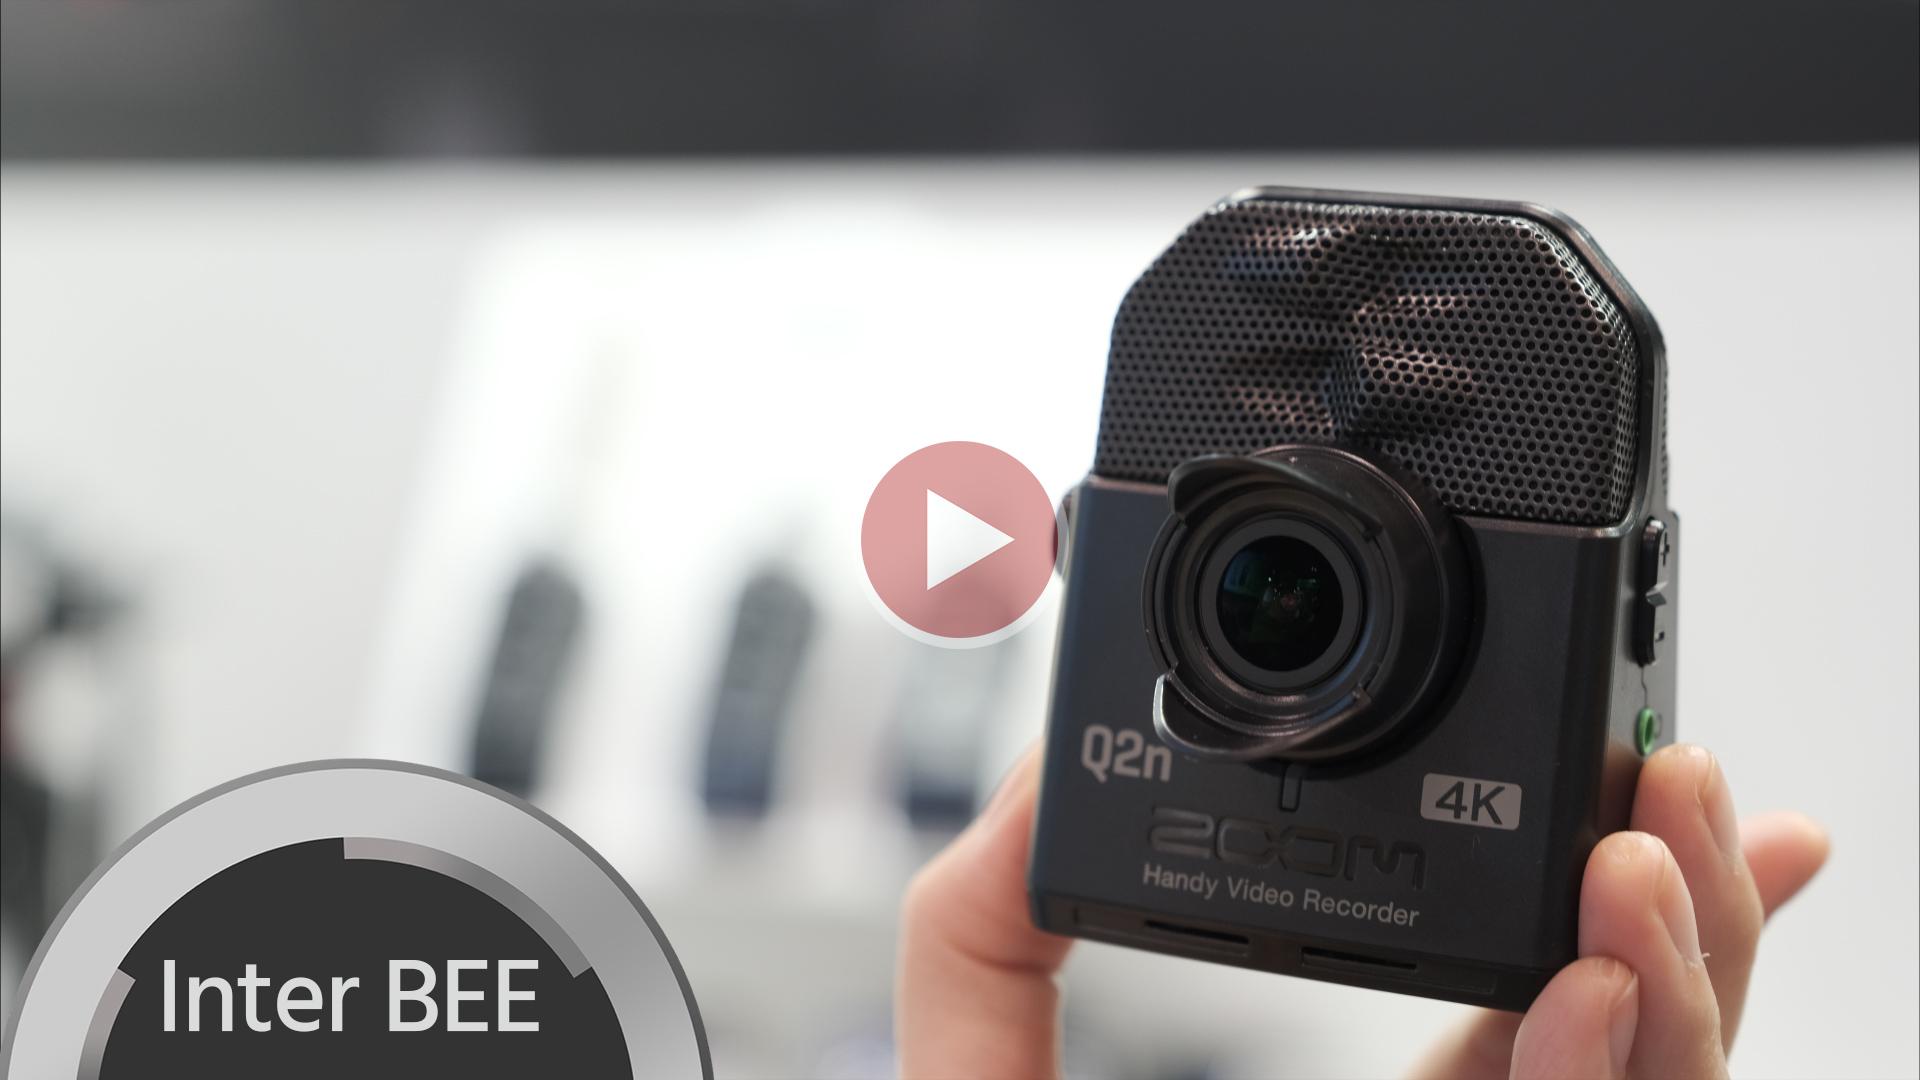 ZoomがQ2n-4Kを発表 - ミュージシャン用4Kカメラ